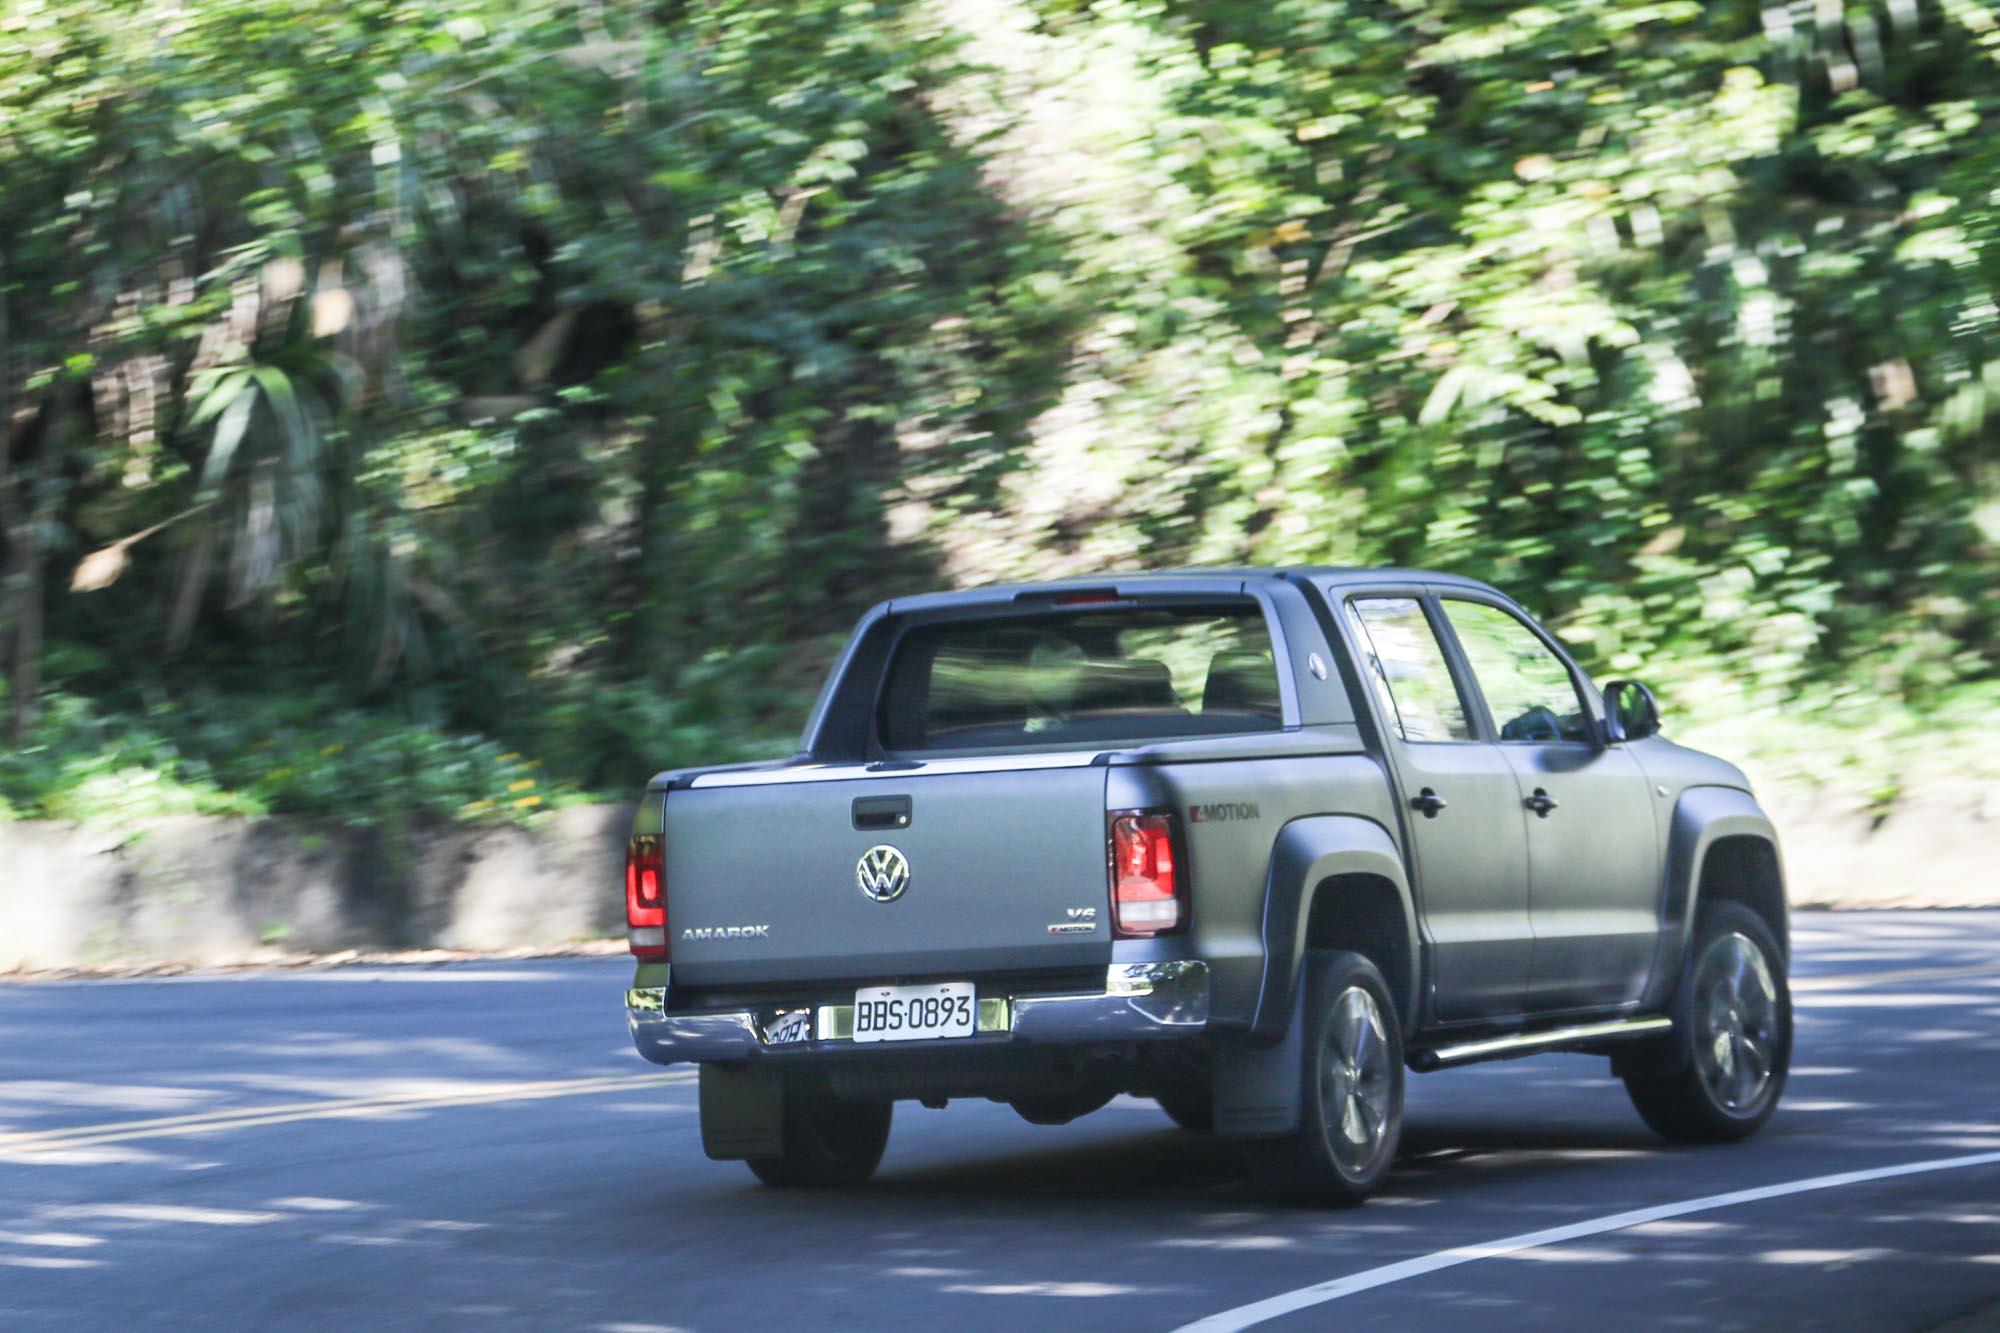 底盤設定雖然讓 Amarok Aventura 依舊有著貨卡車型的傳統行路感,但透過優異的設定與隔音制震材質的運用,行路表現已堪稱同級最佳。